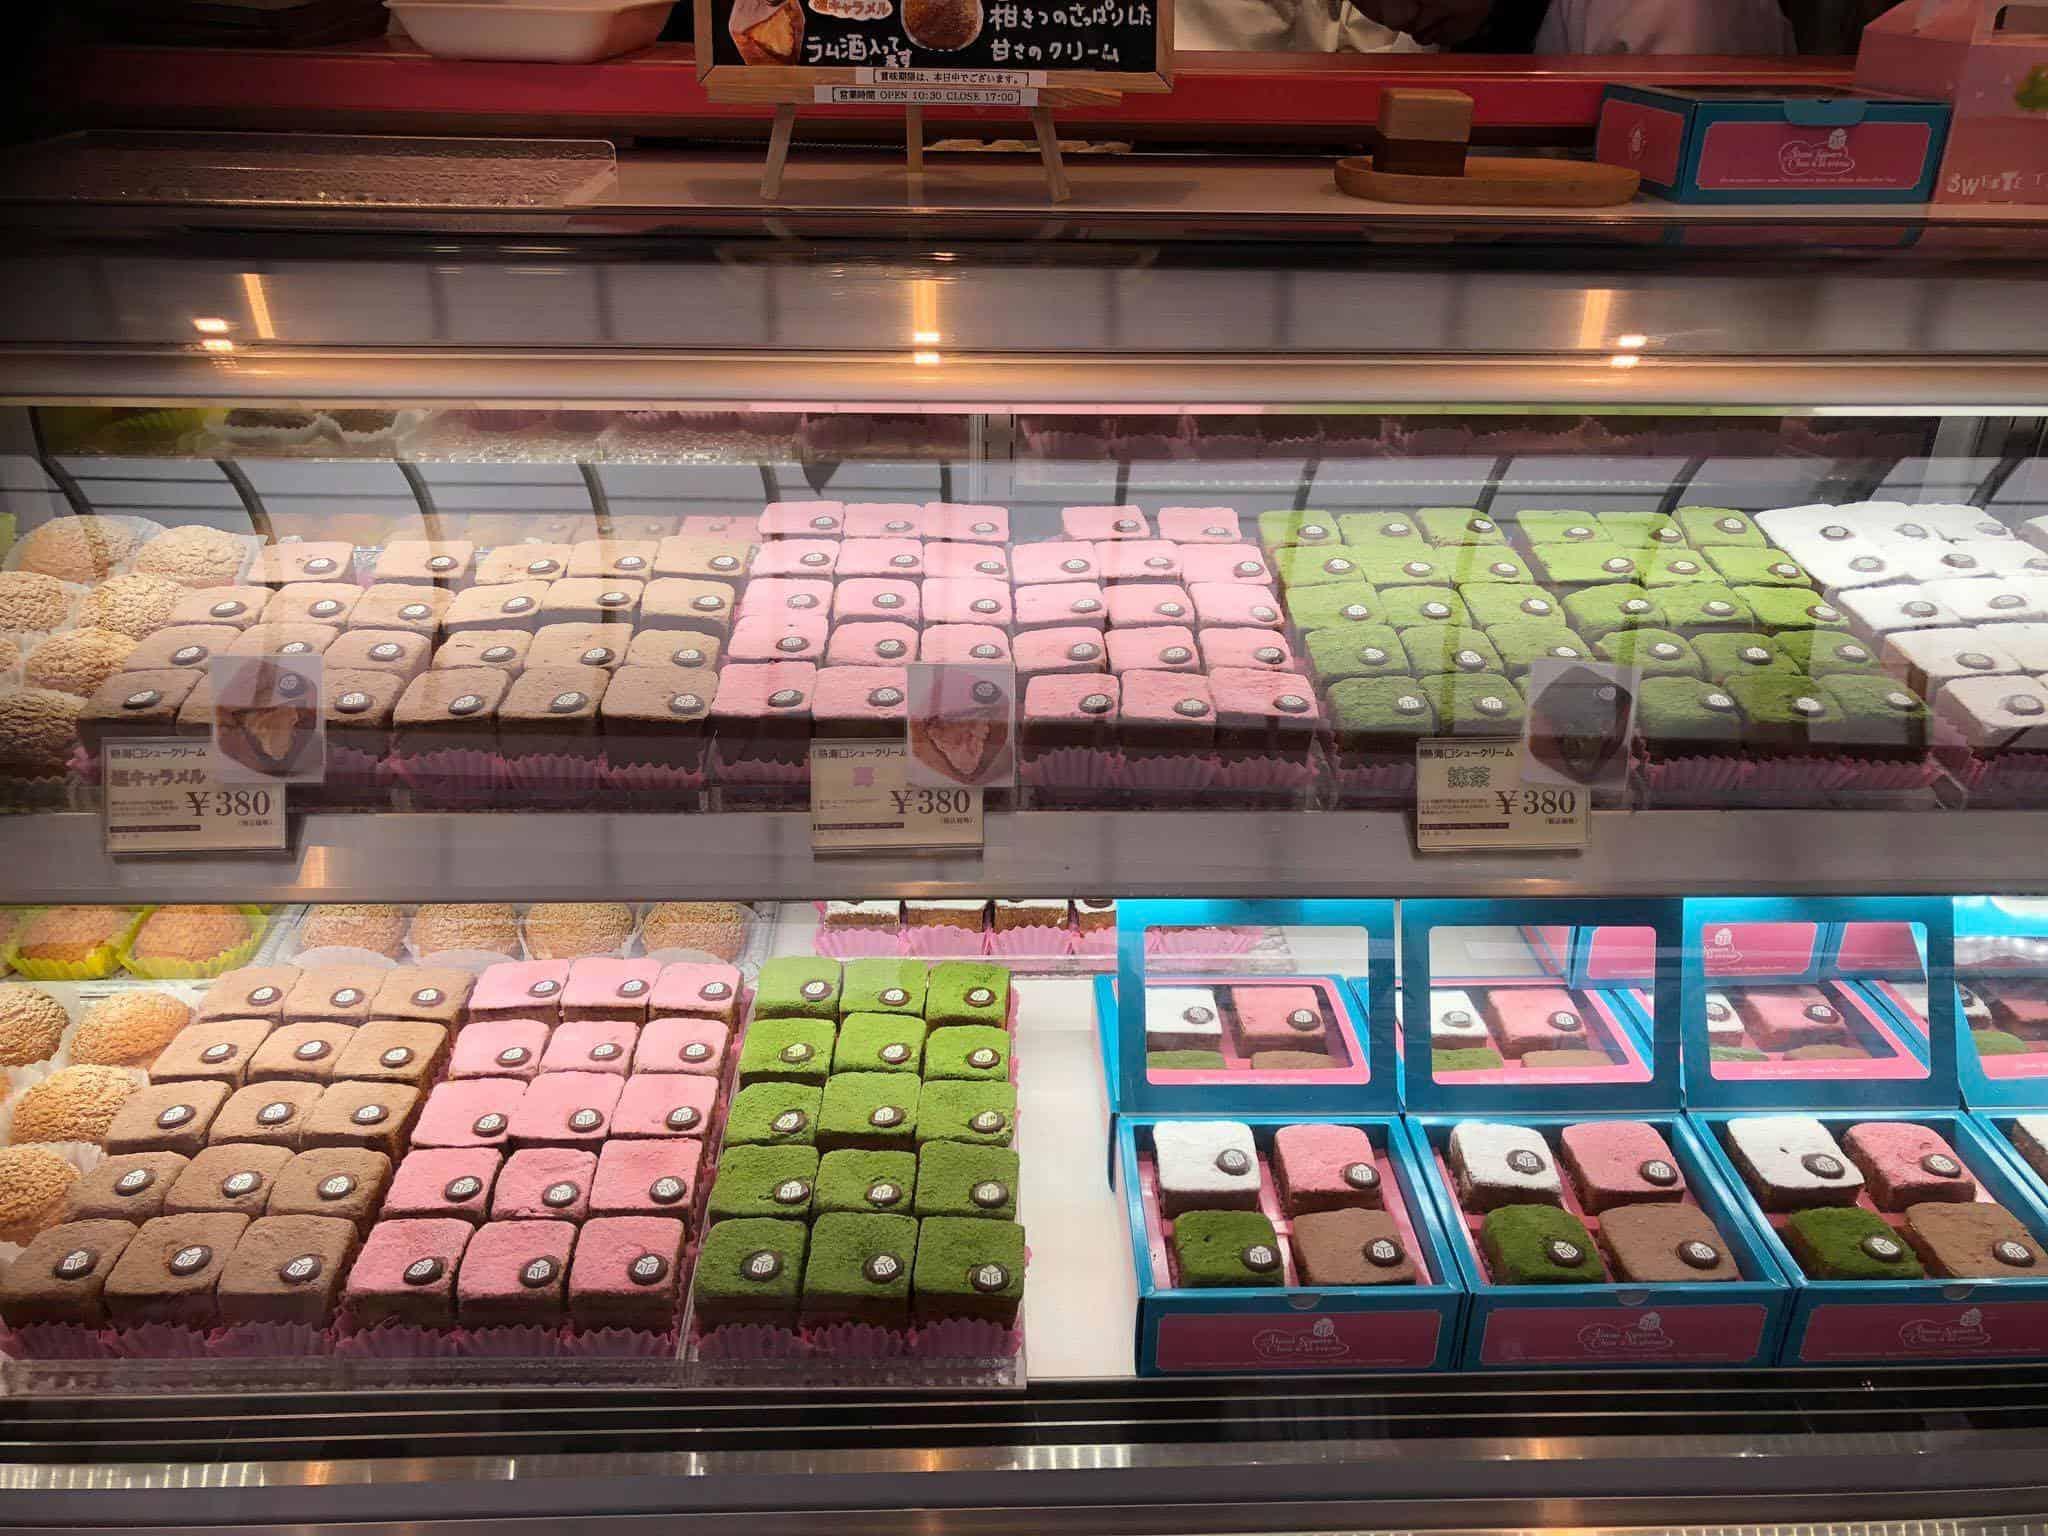 ชูครีมรสชาติต่างๆ ของร้าน Atami Square จ.ชิซูโอกะ